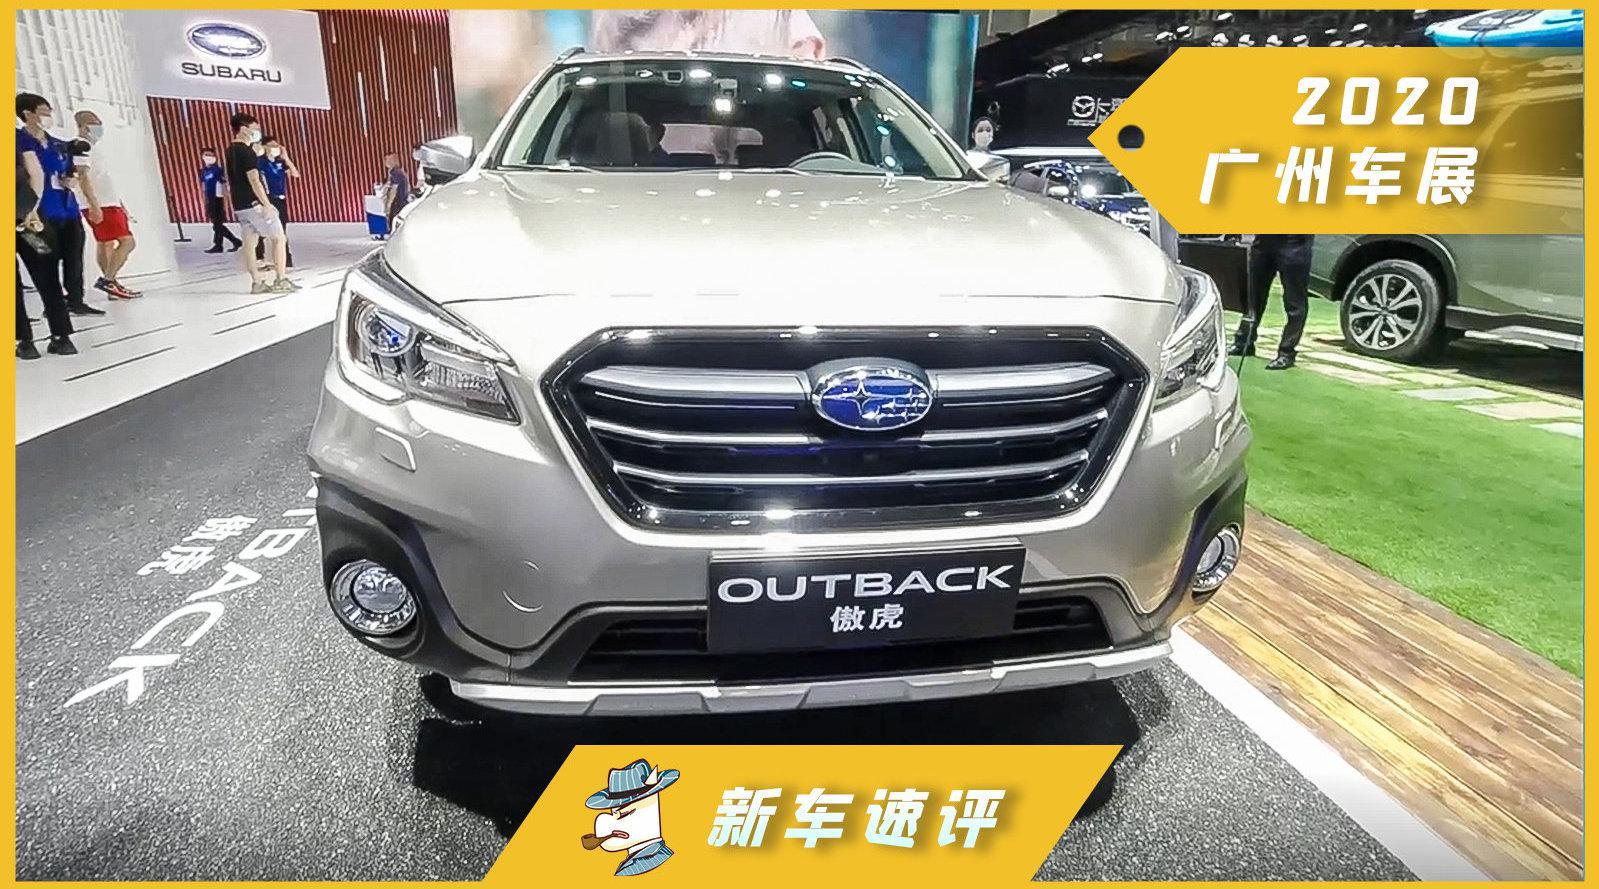 视频:广州车展新车速评:斯巴鲁傲虎 @微博视频